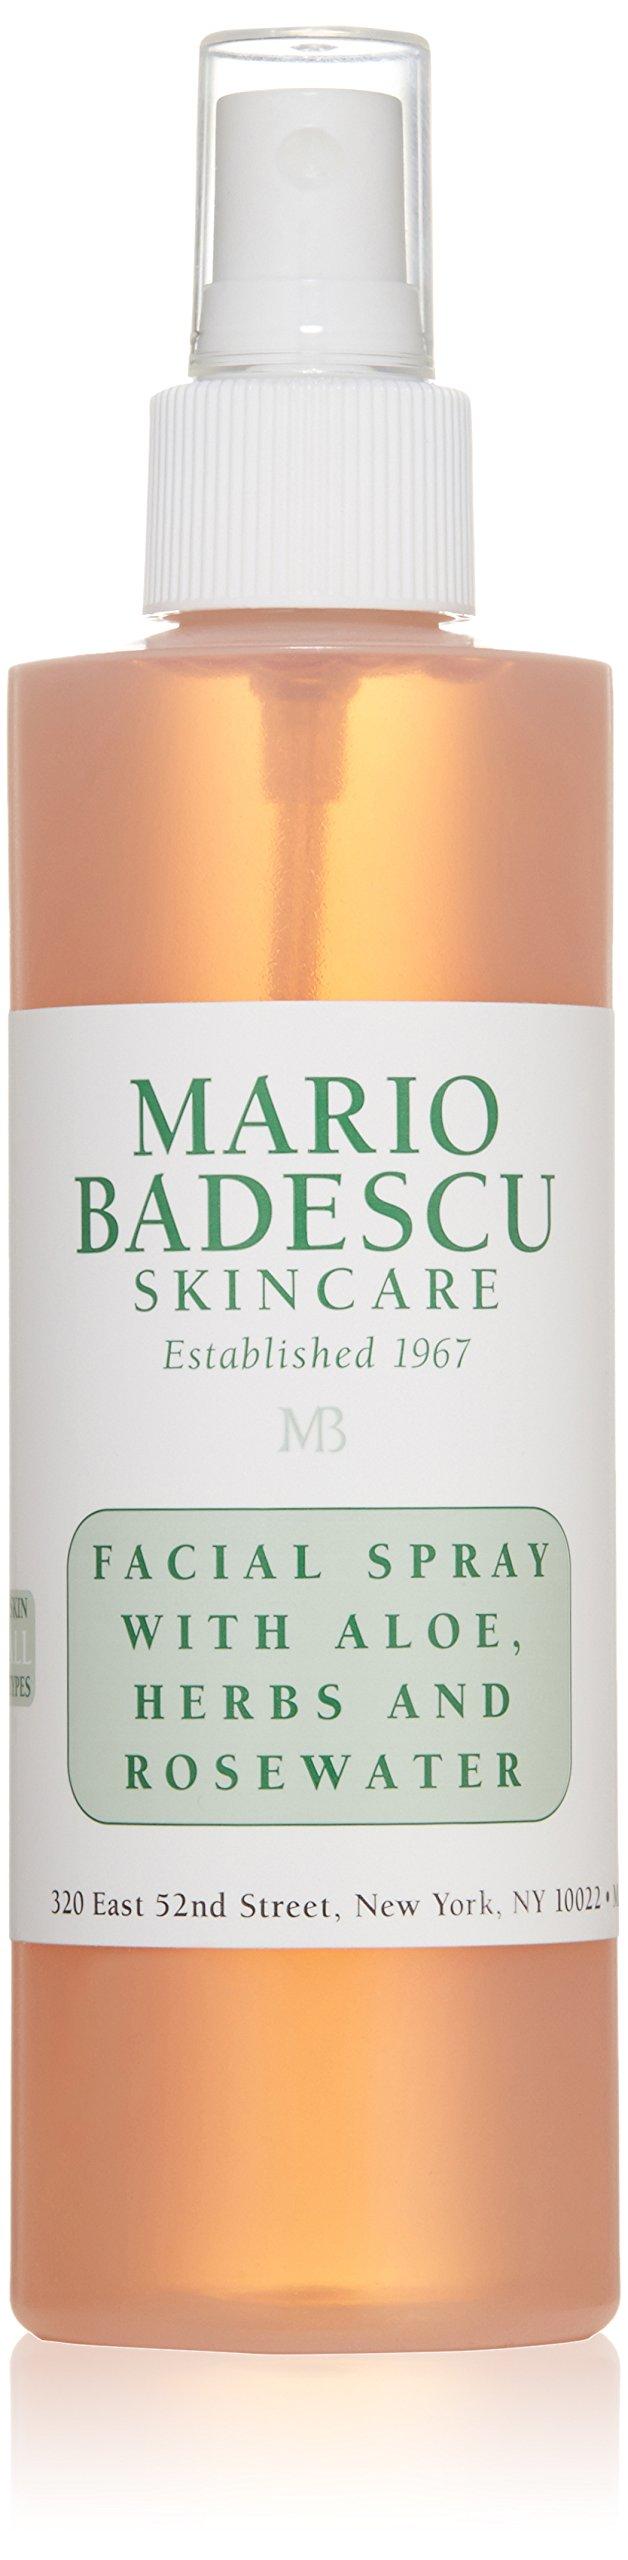 Mario Badescu Facial Spray with Aloe, Herbs and Rosewater, 8 Fl Oz by Mario Badescu